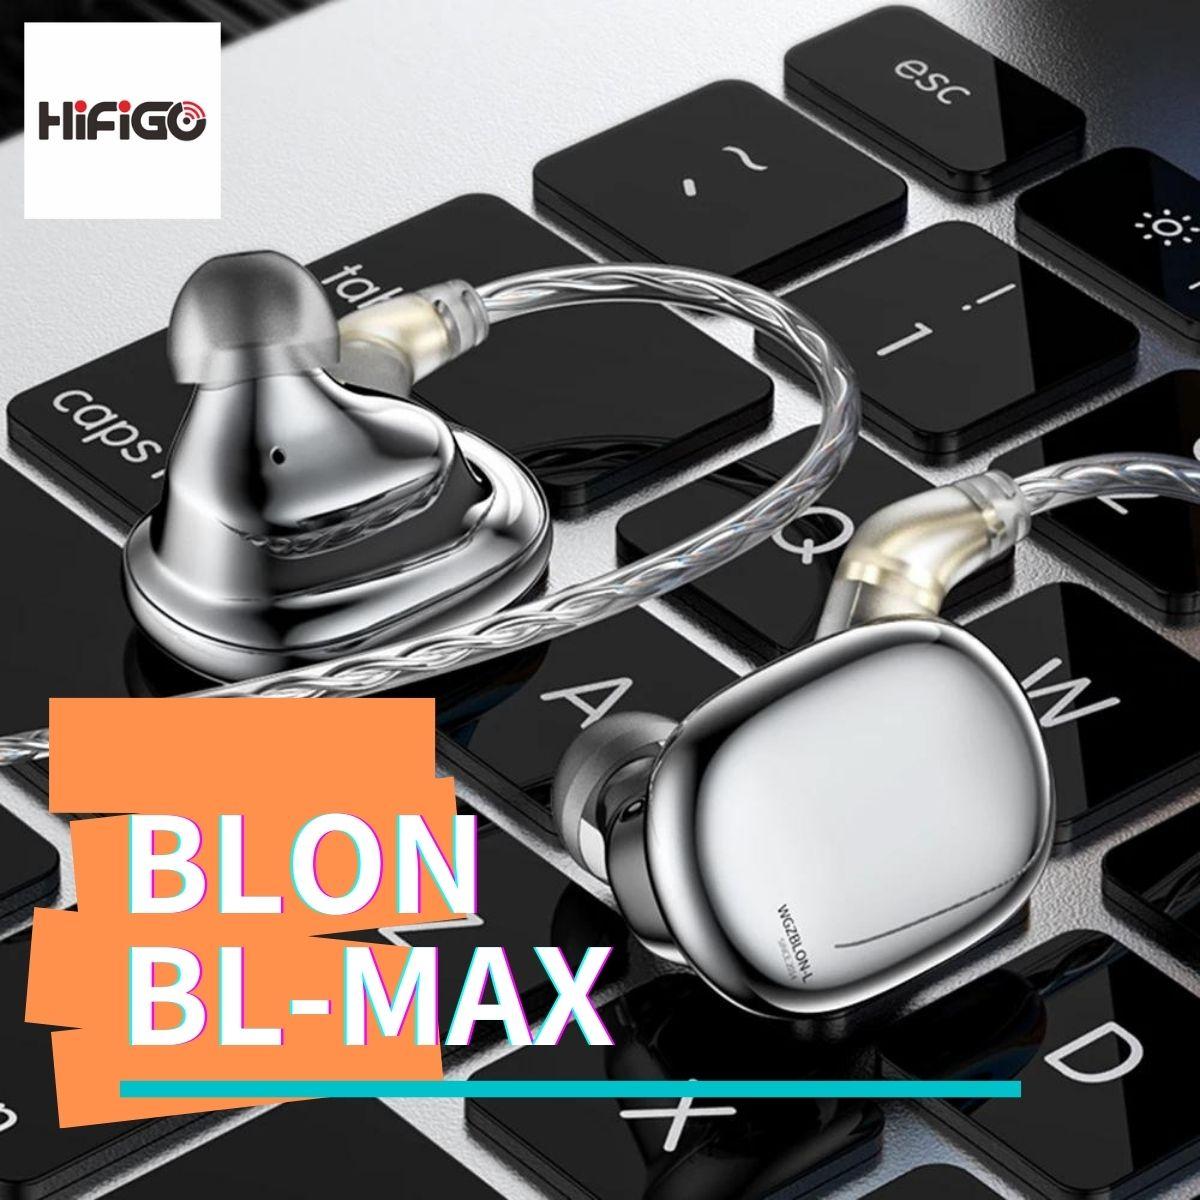 【HiFiGOニュース】BLON BL-Max:片側2基のダイナミックドライバーを搭載した最新IEM